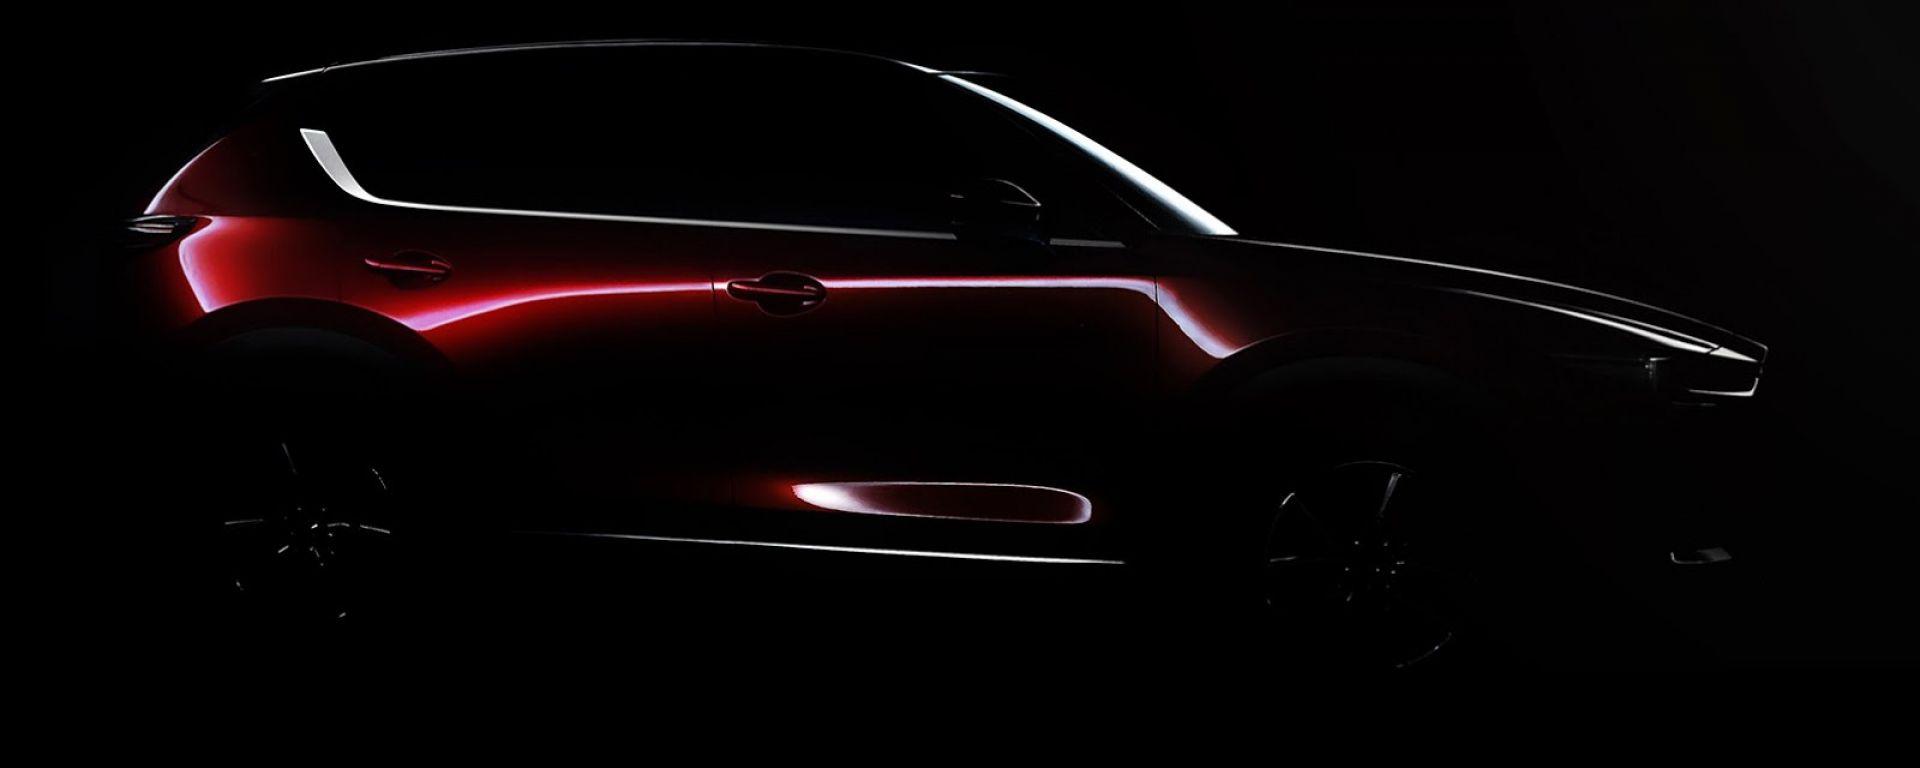 Mazda CX-5 2017, debutto al Salone di Los Angeles